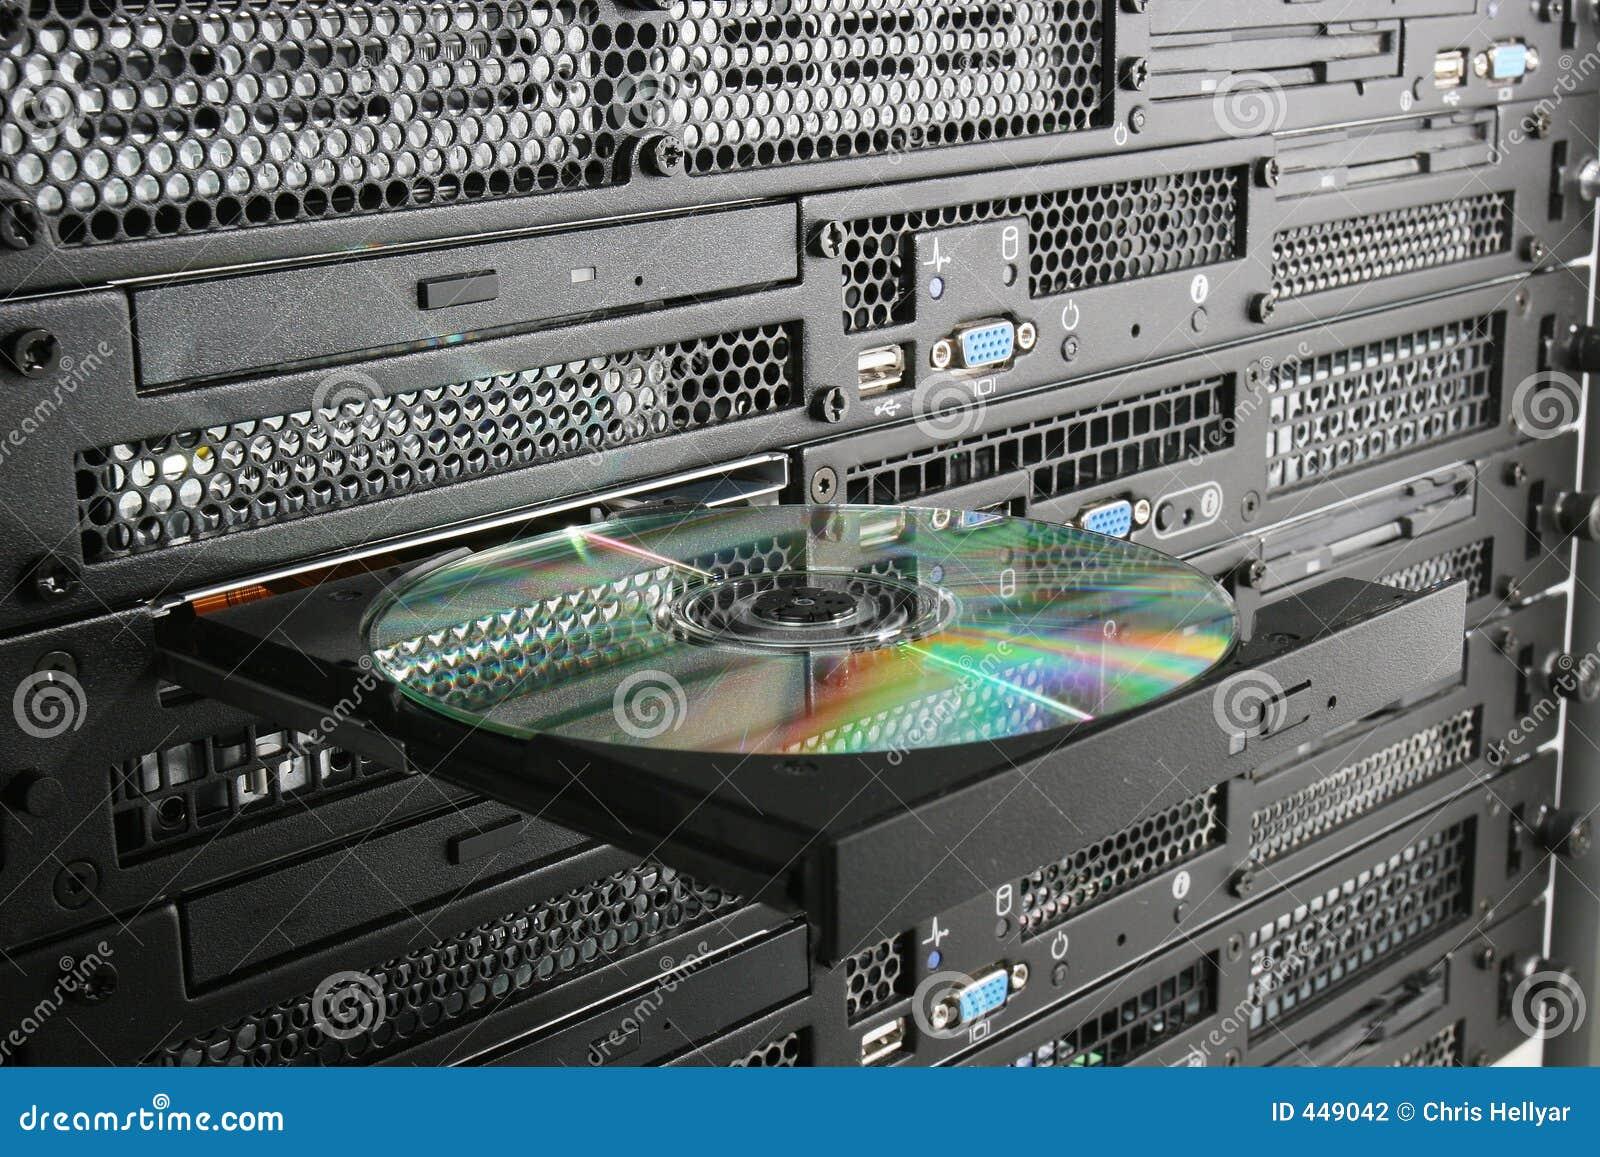 CD in the rack